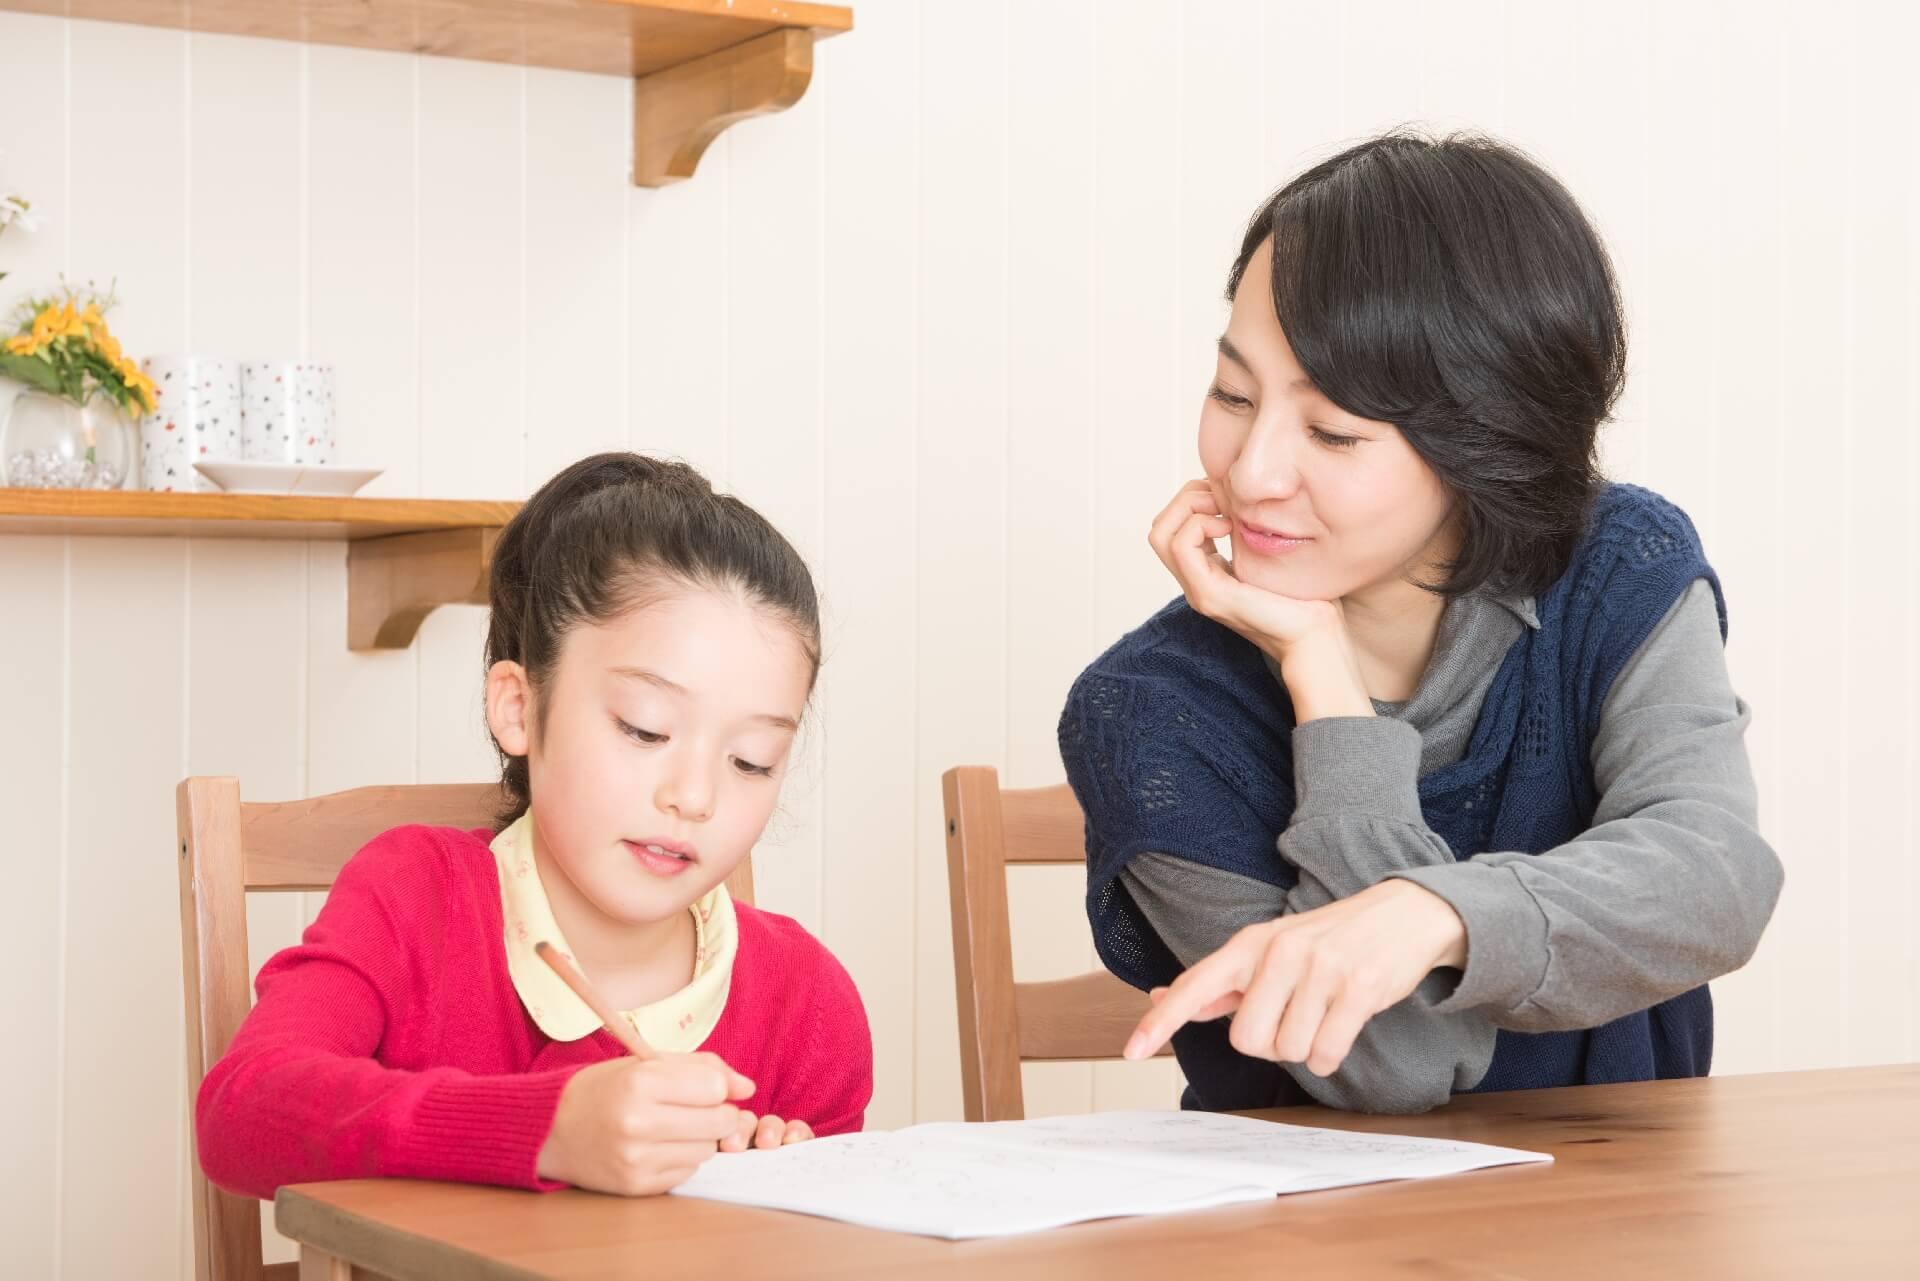 小学生の国語と算数~元教師が教える問題の解き方のポイント